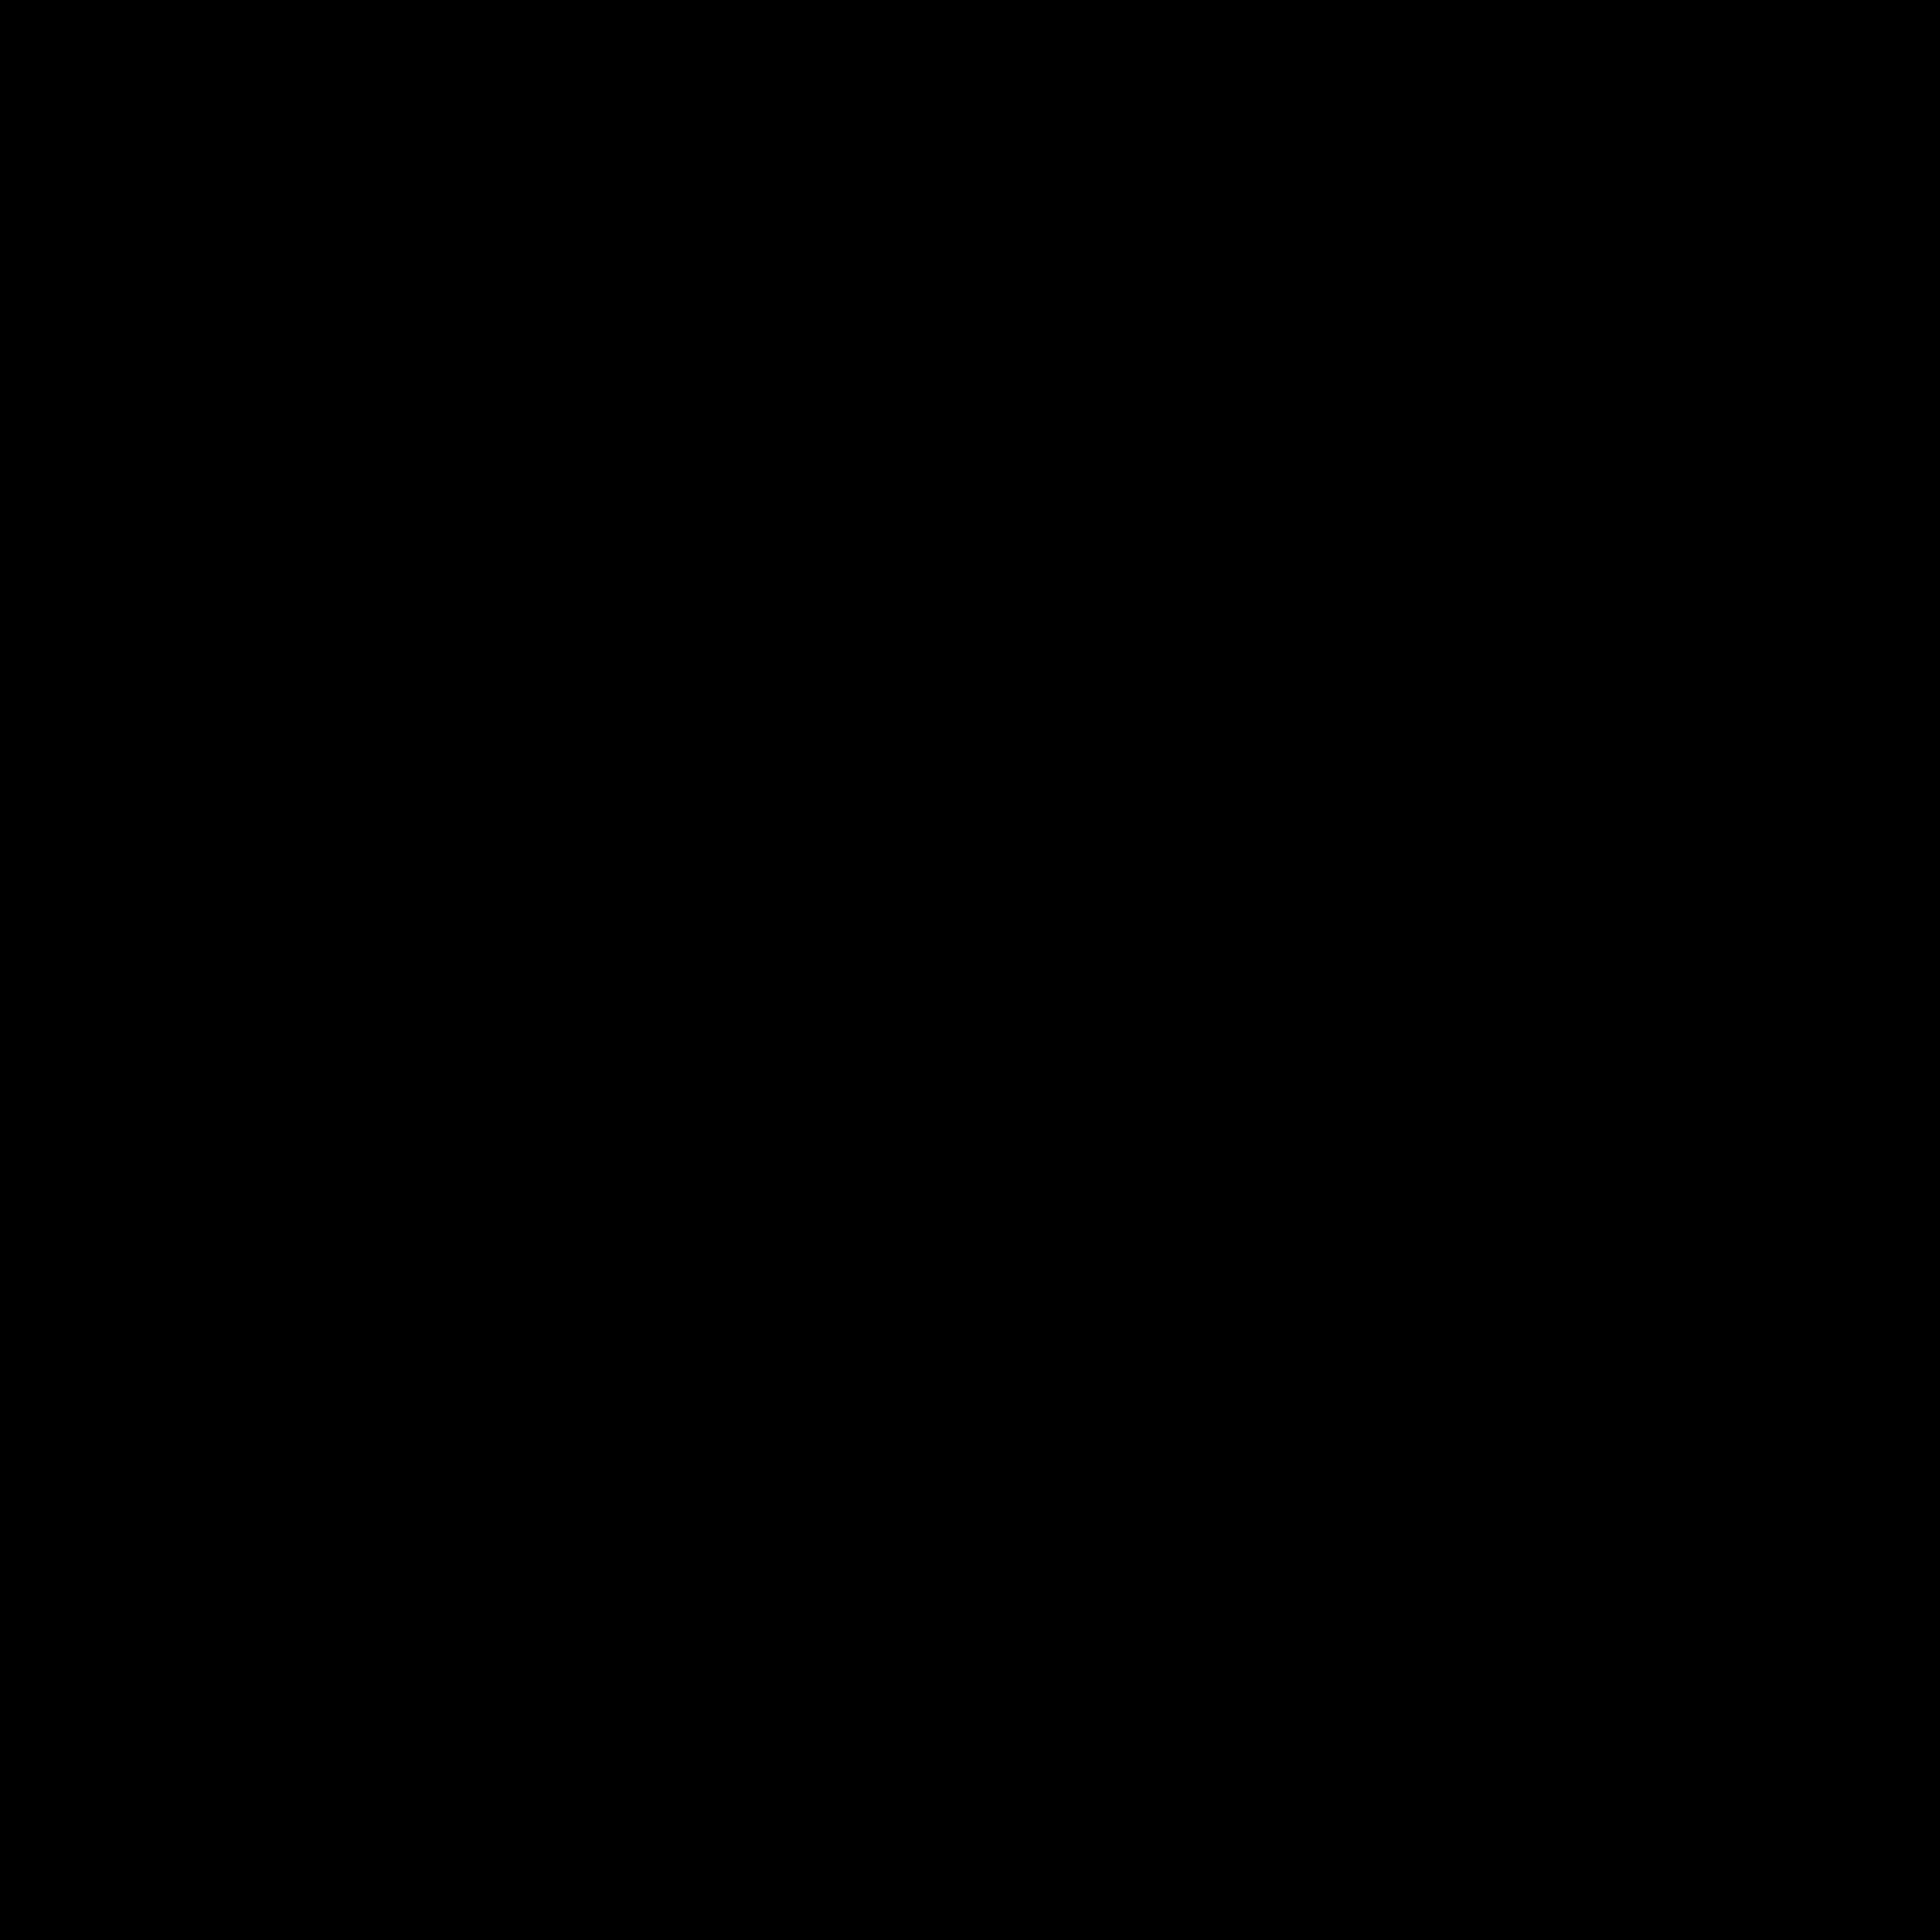 海龜圖案 免費下載 | 天天瘋後製